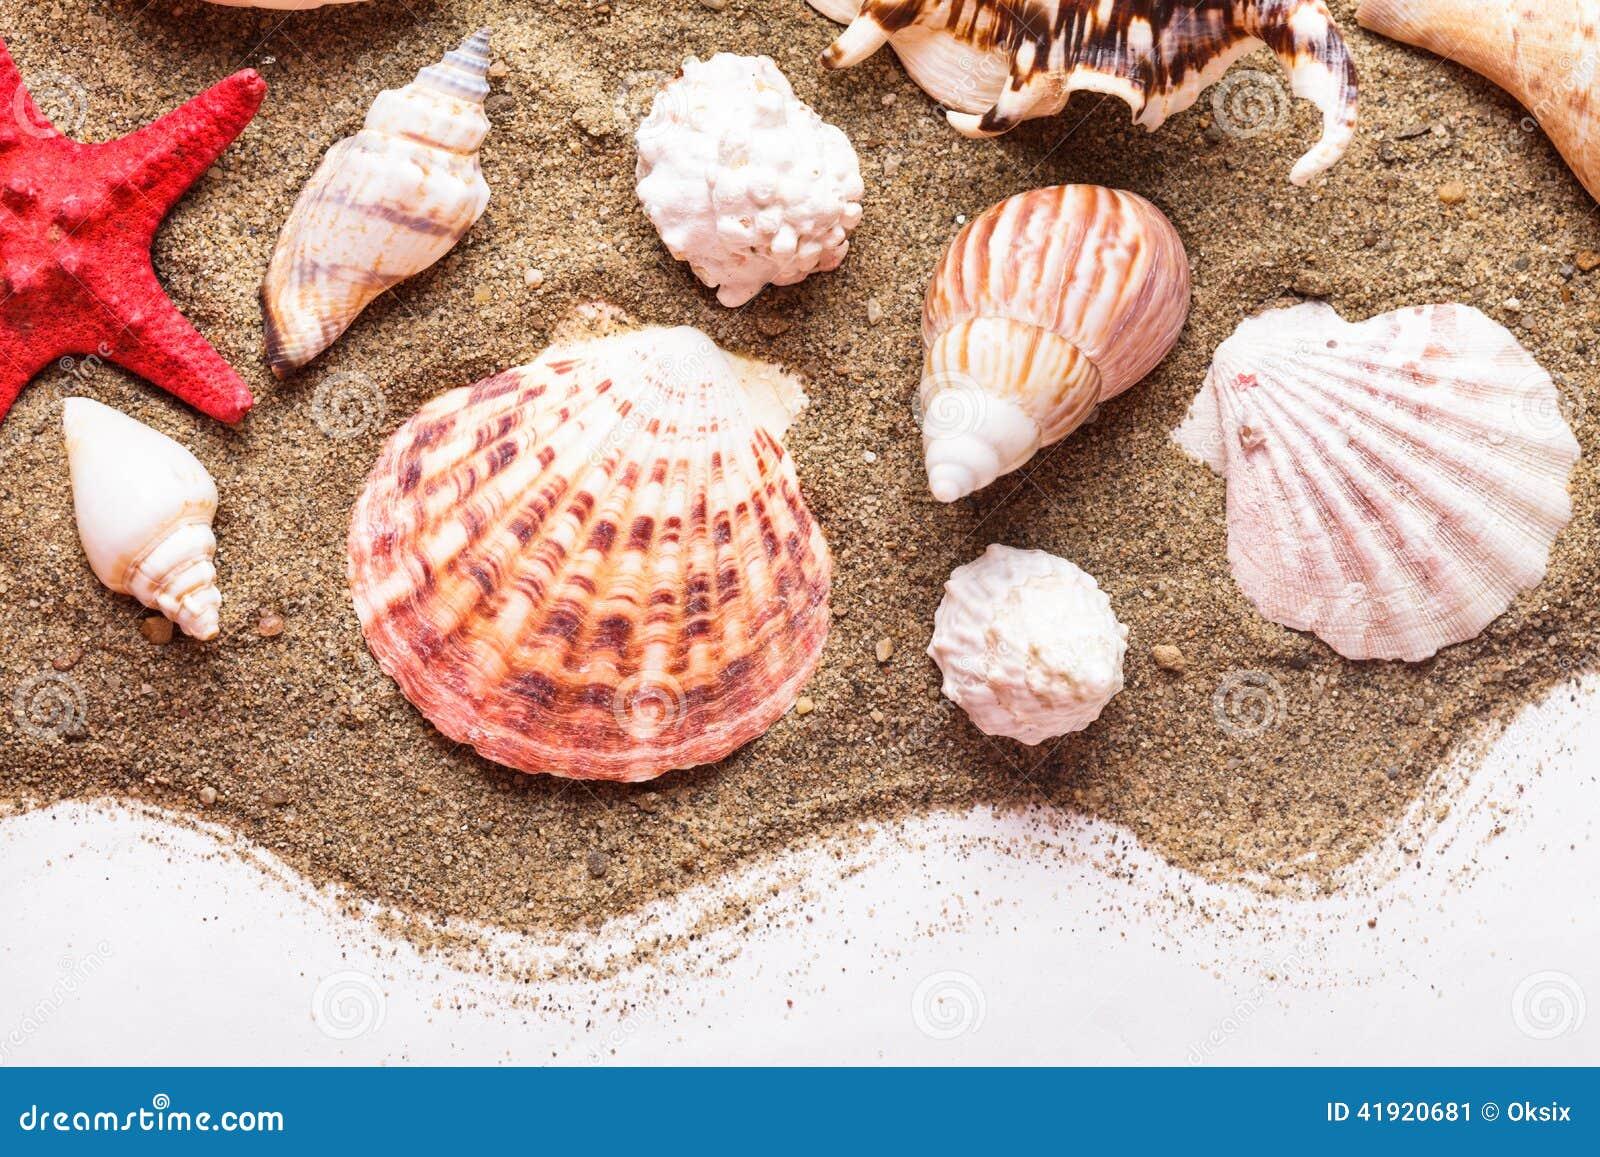 Conchas marinas en la arena